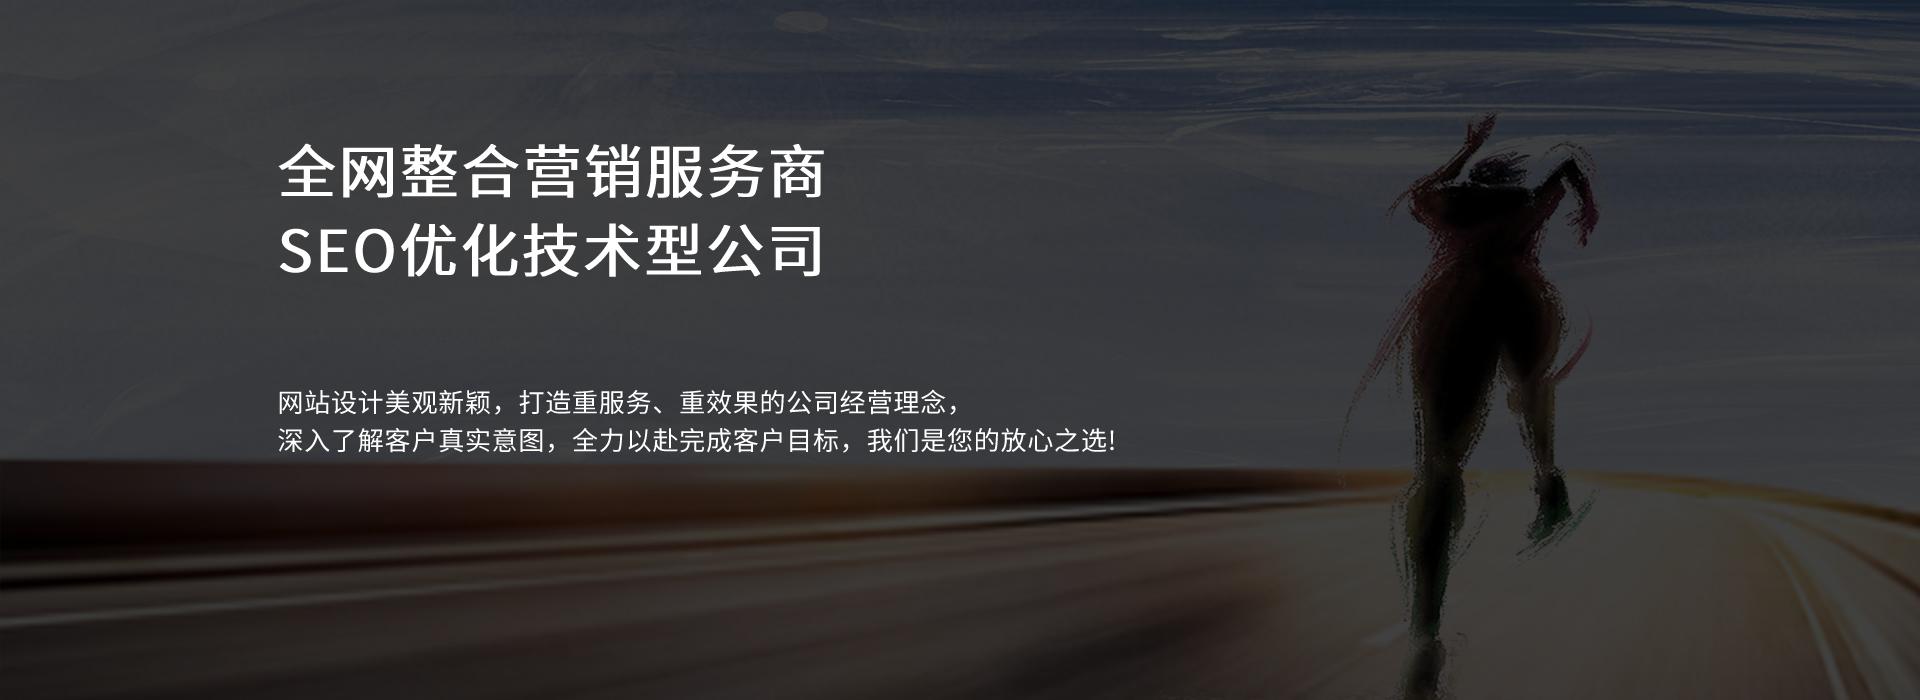 咸阳网站制作网页设计